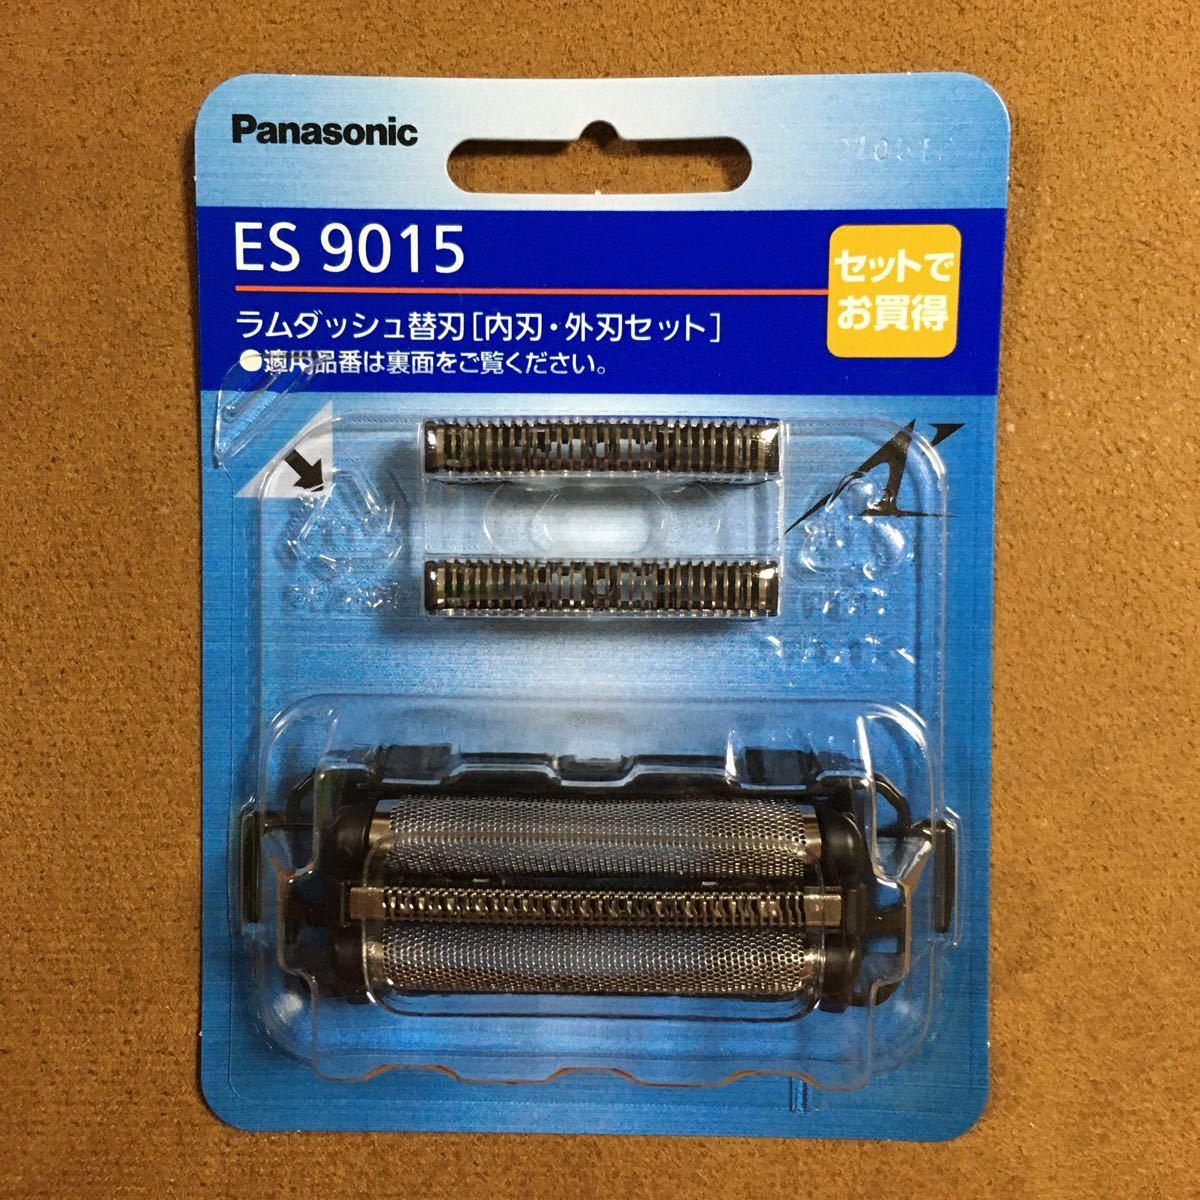 【新品】ラムダッシュ 替刃 メンズシェーバー用 セット刃 ES9015 パナソニック